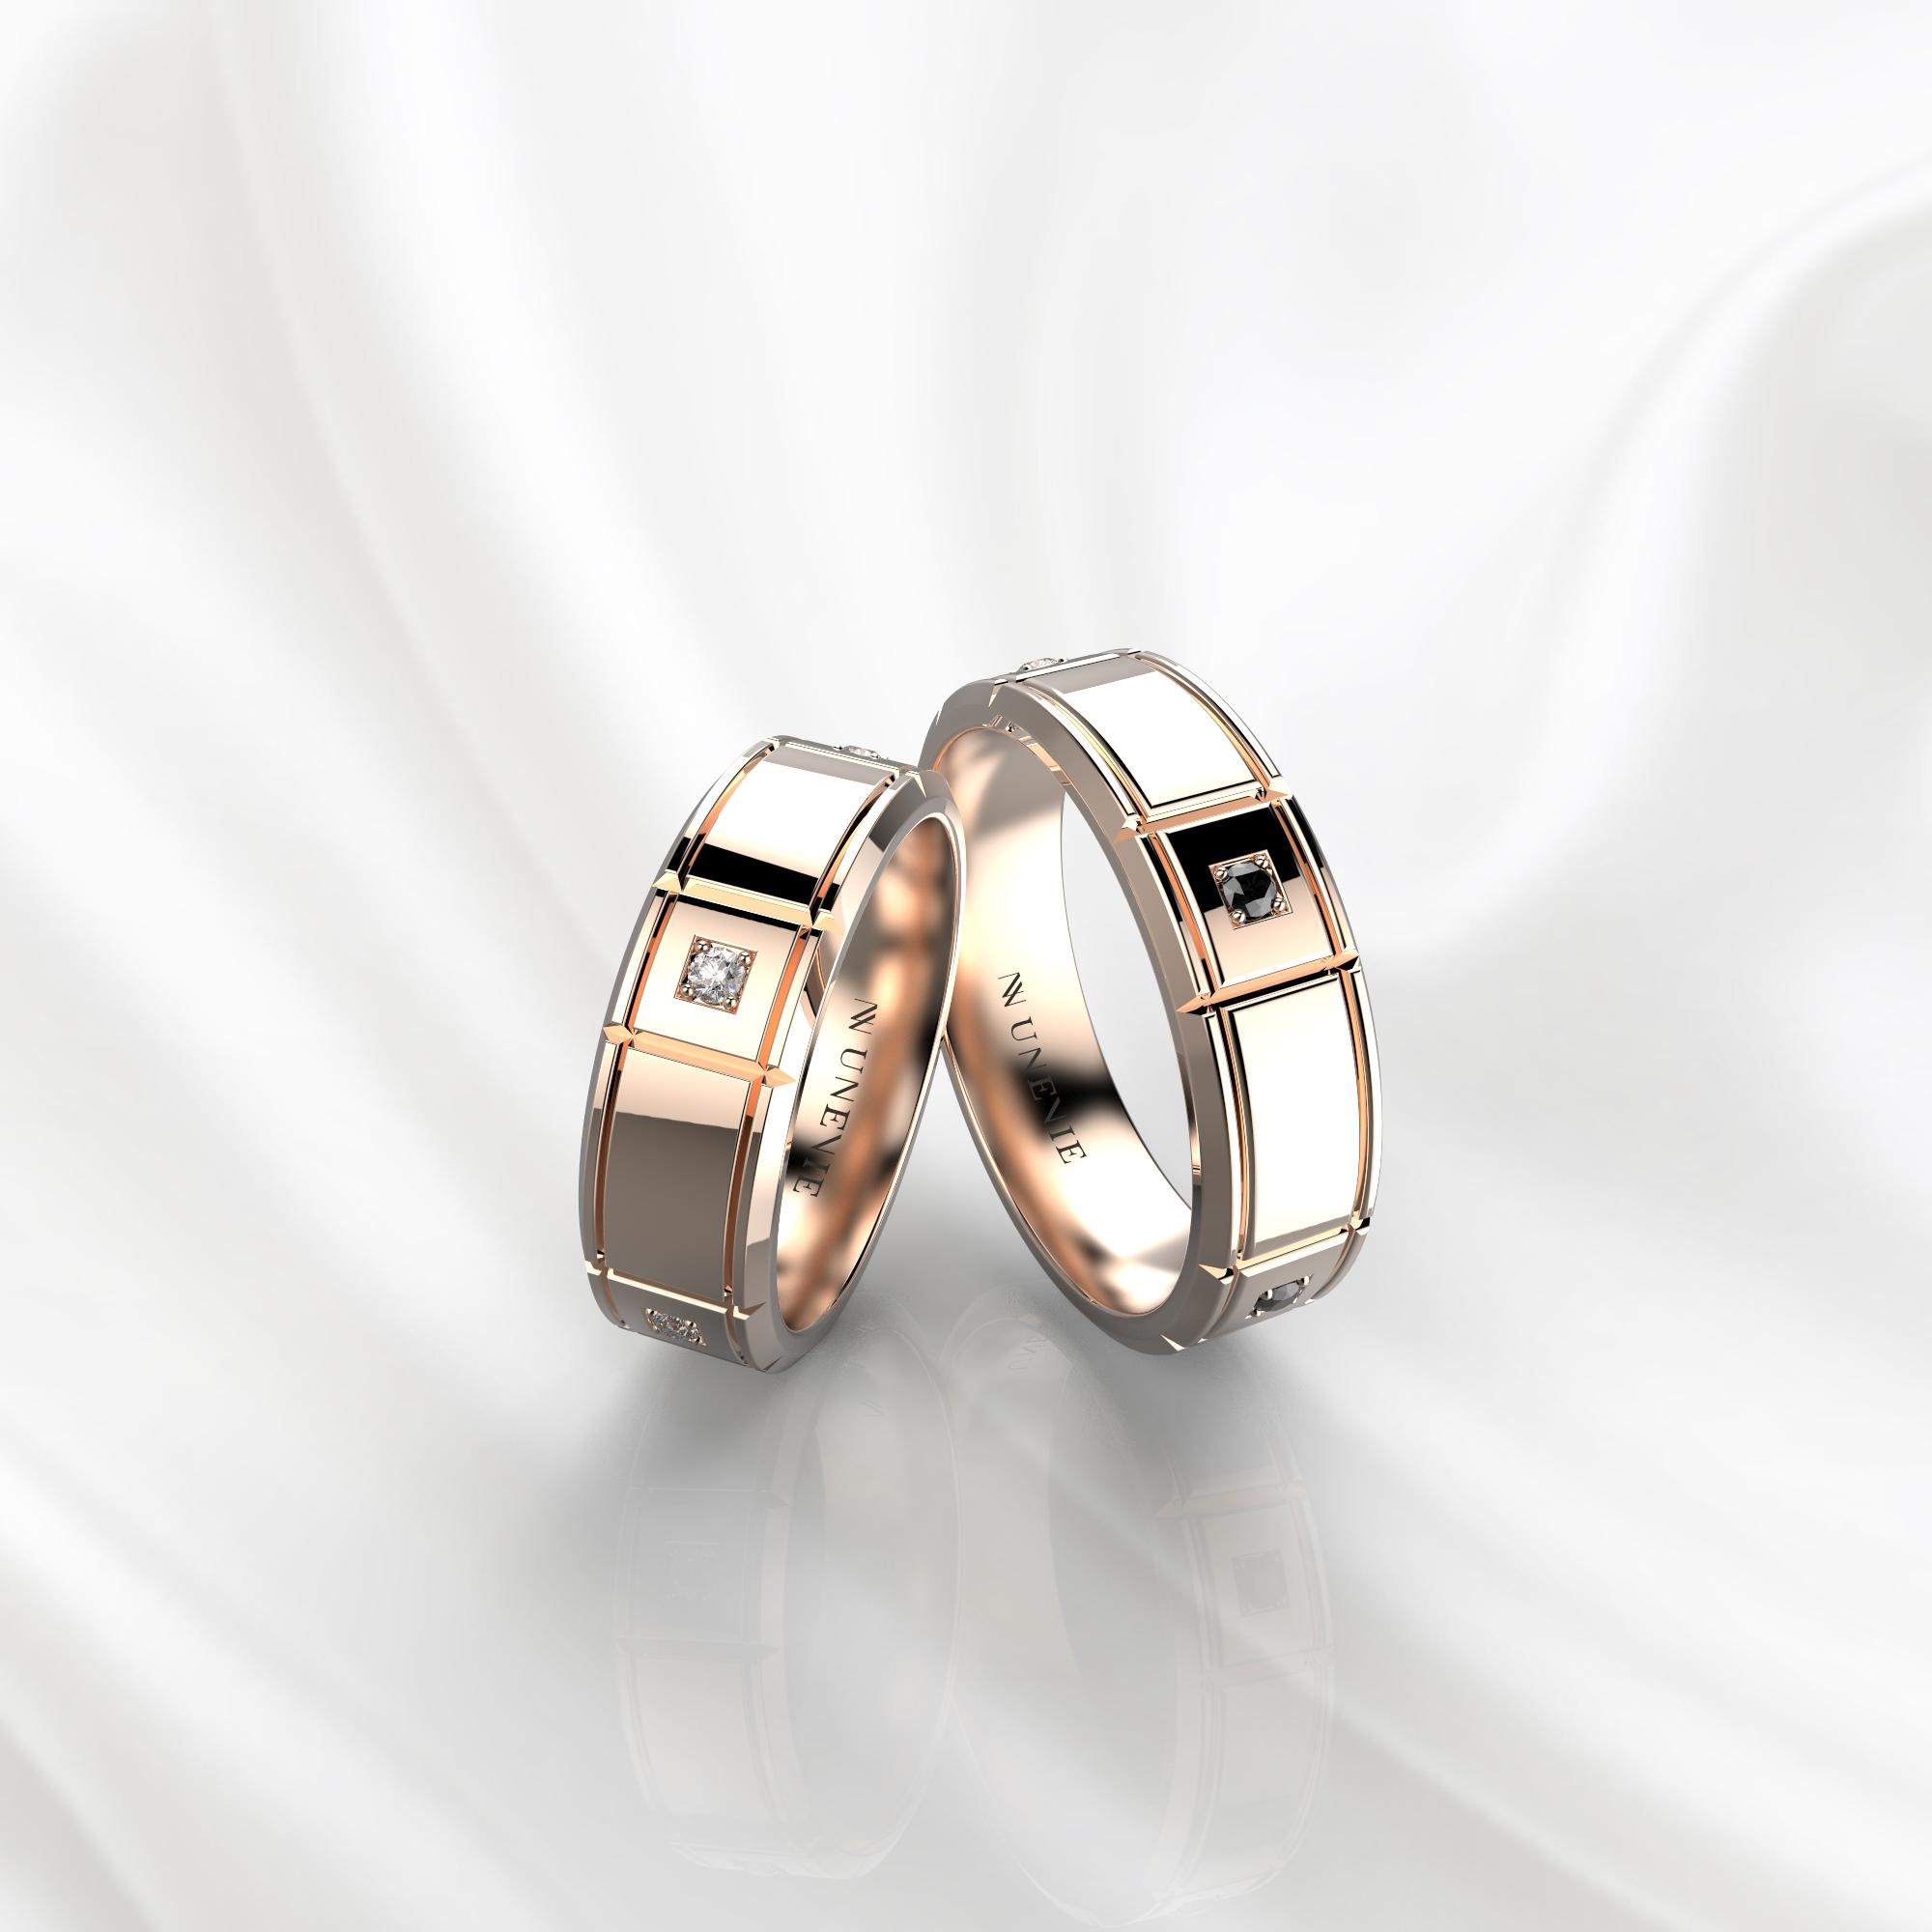 NV76 Парные обручальные кольца из розового золота с черными бриллиантами